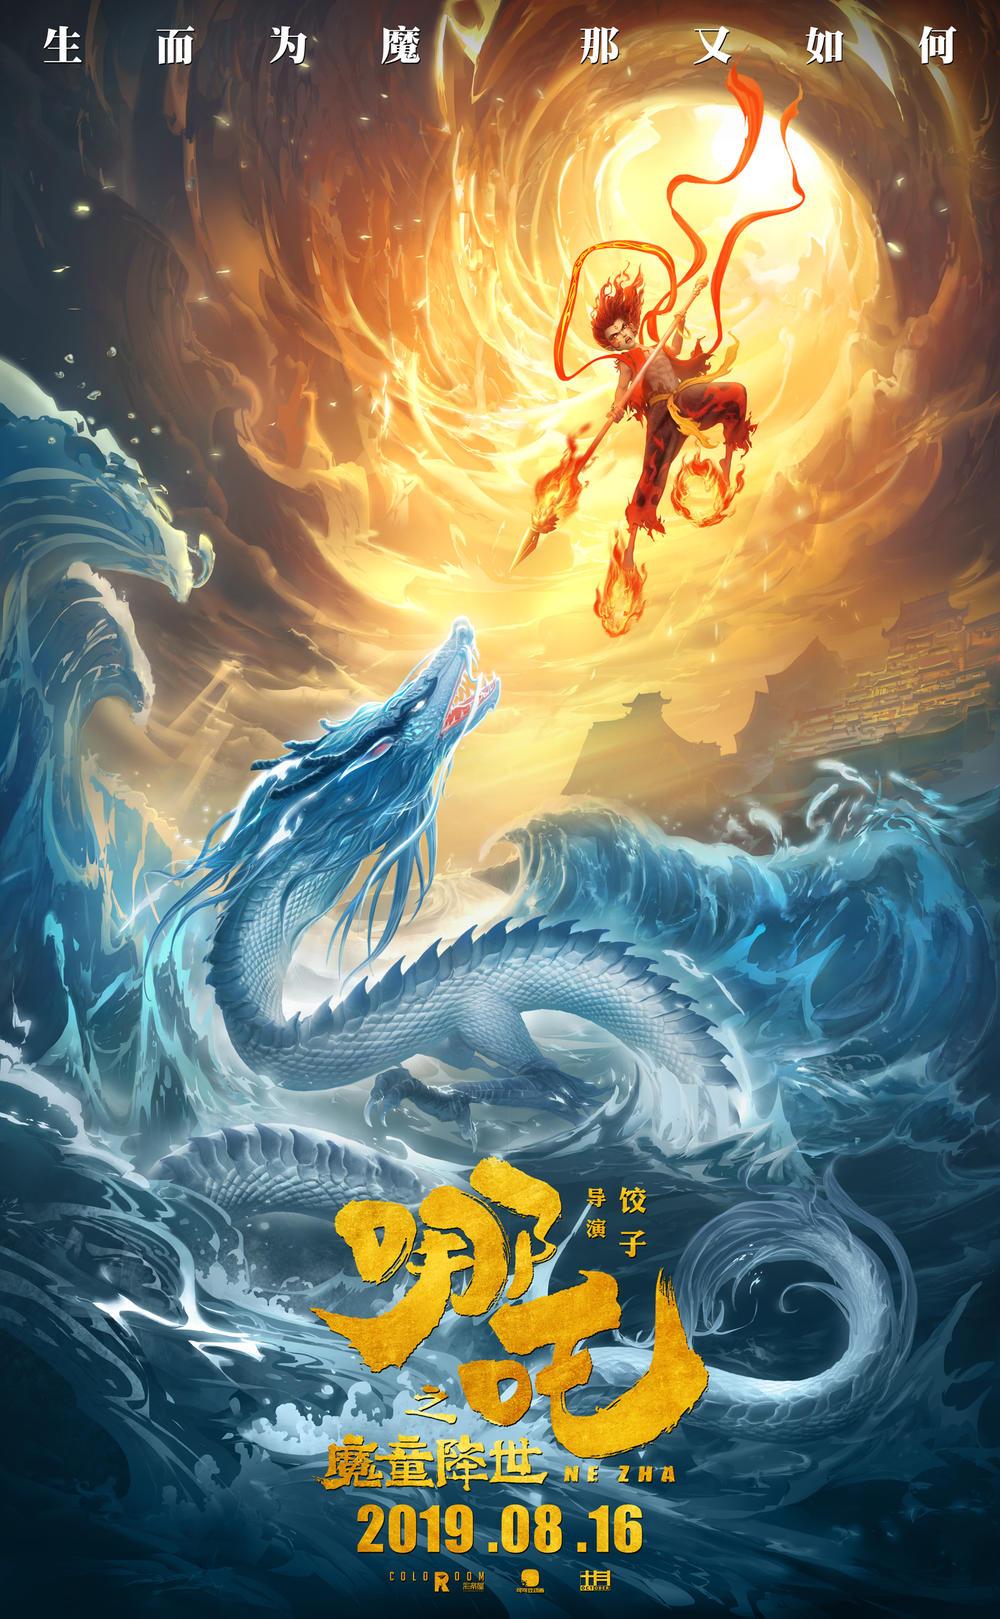 《哪吒之魔童降世》预告海报双发 定档8.16上映